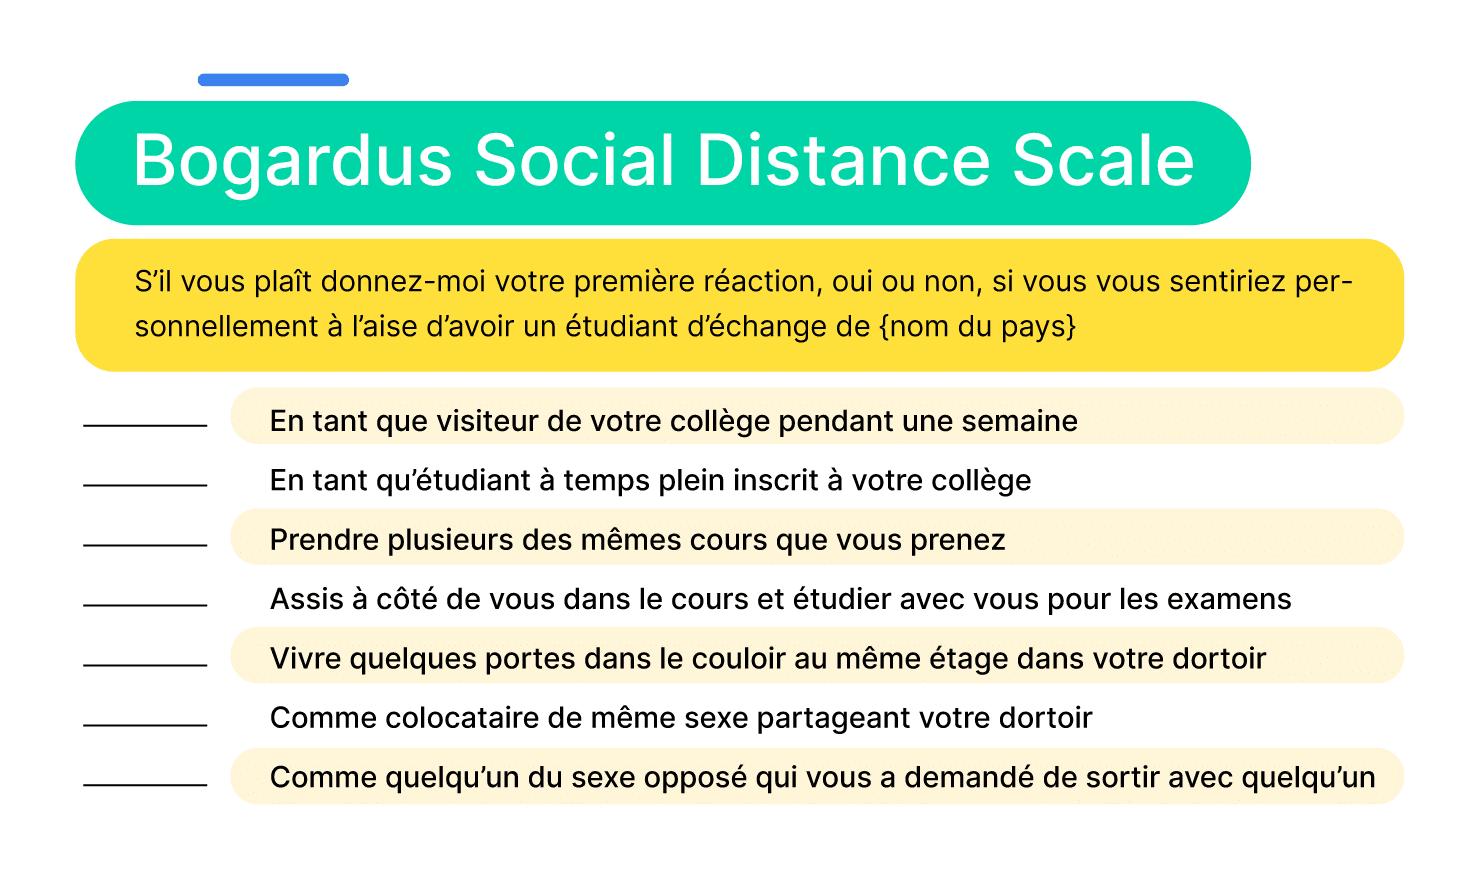 Bogardus Social Distance scale: Definition, Method and Examples Bogardus social distance scale